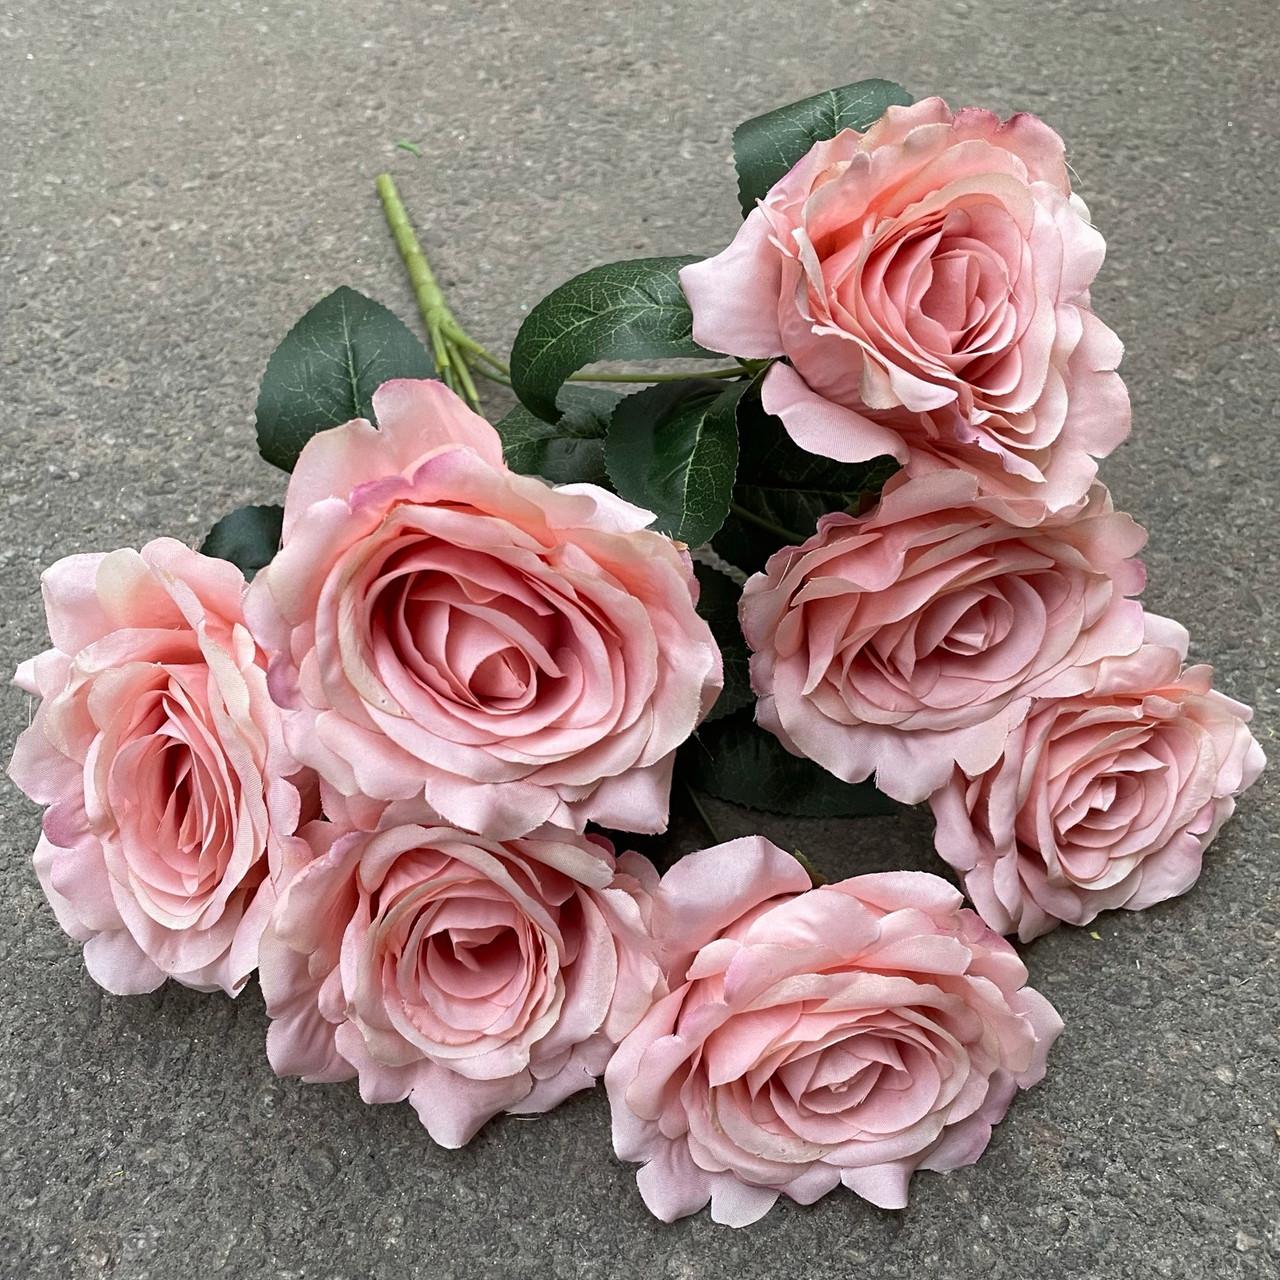 Штучні квіти Букет розкритих троянд 7-ка пудрові 43 см